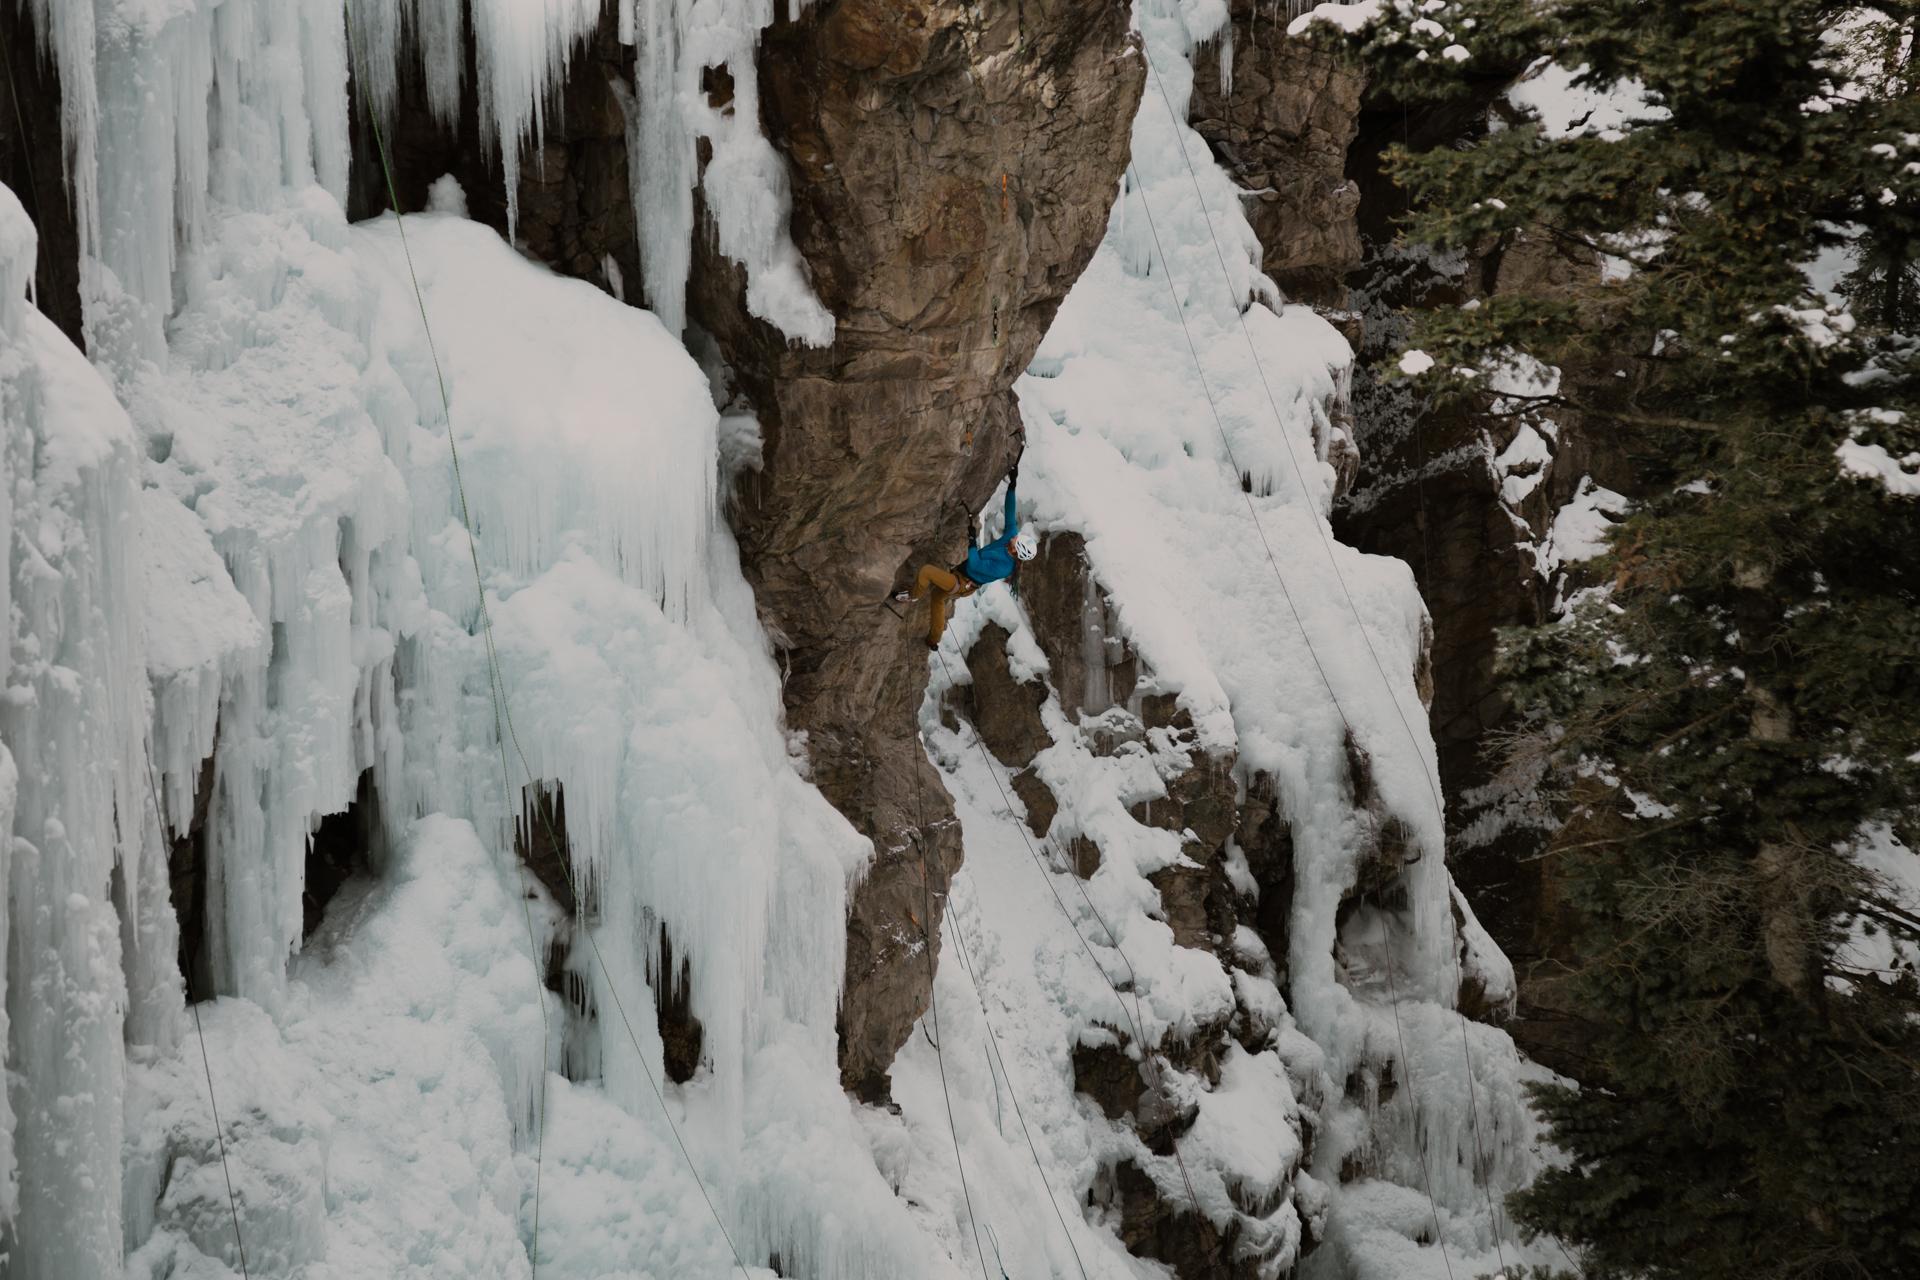 ouray_colorado_ice_climbing_festival-27.jpg